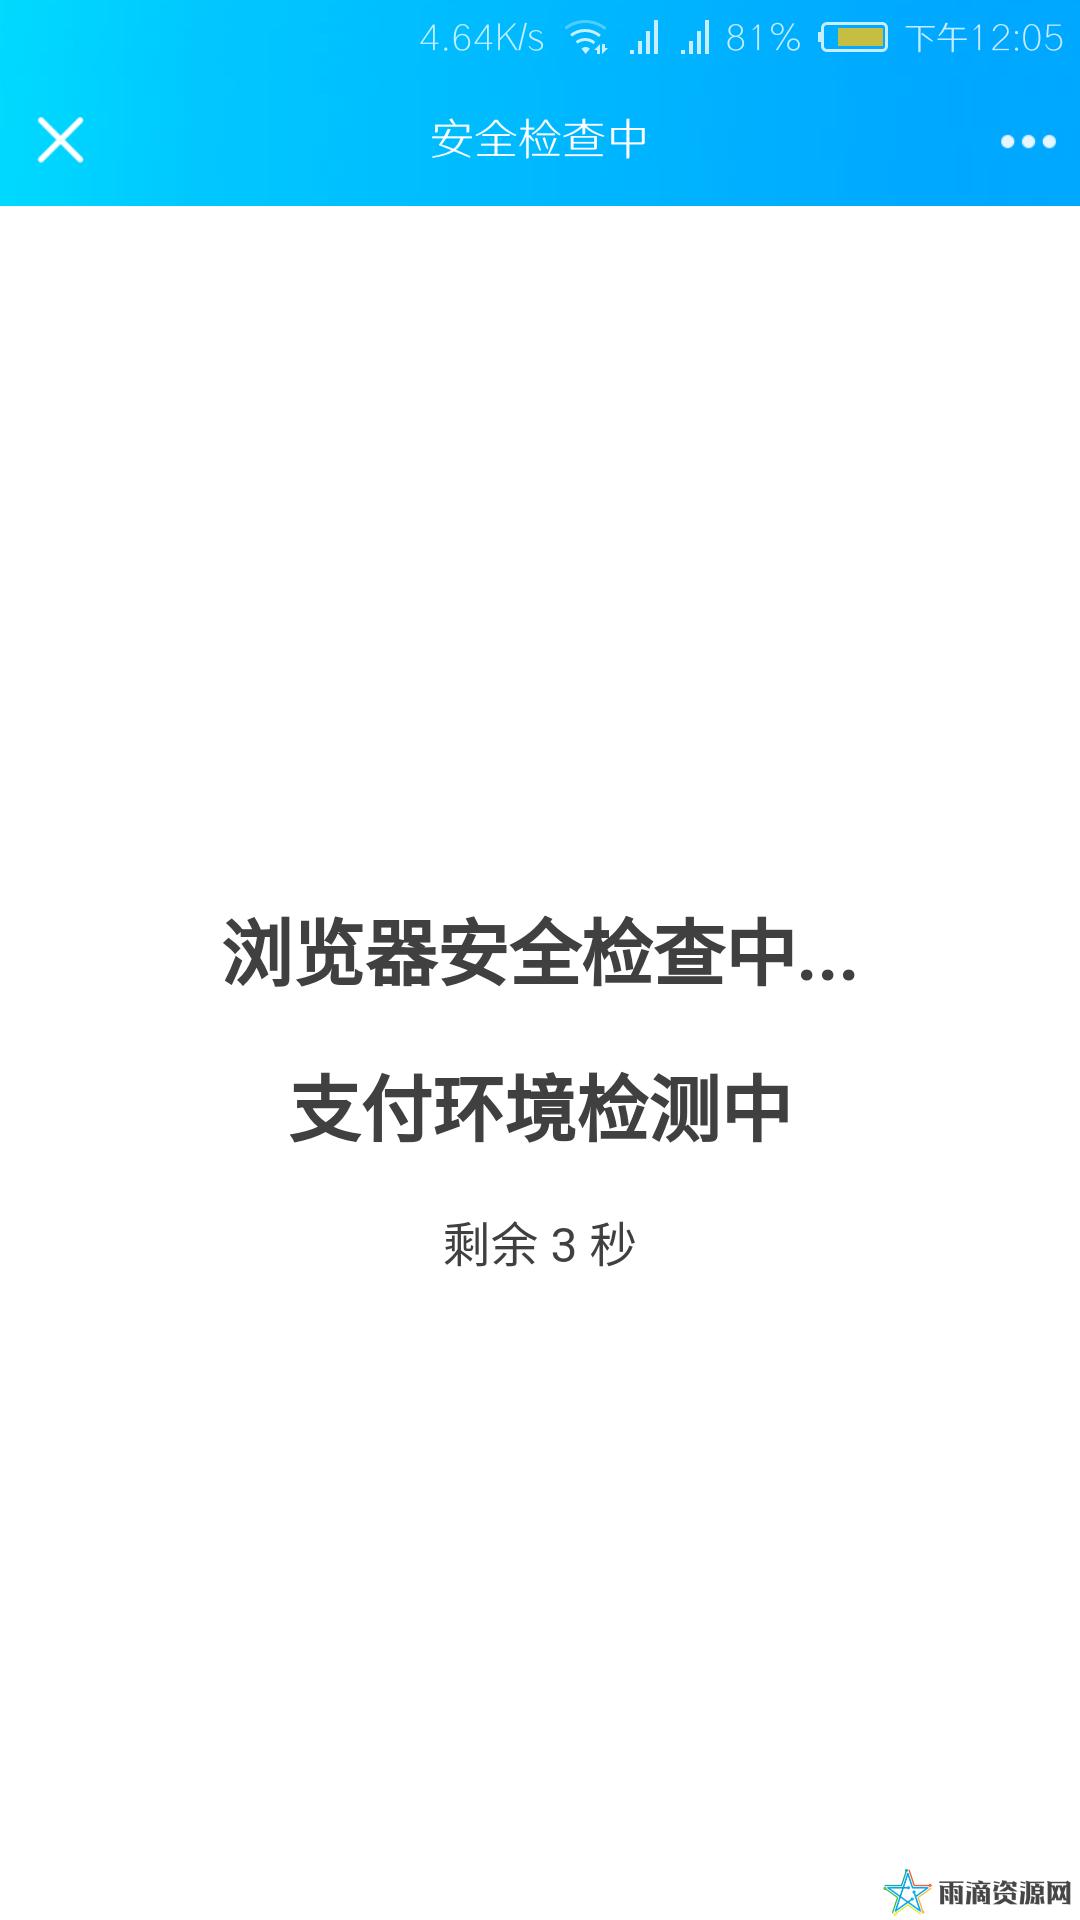 【网站插件】星云防cc系统适合php所有程序